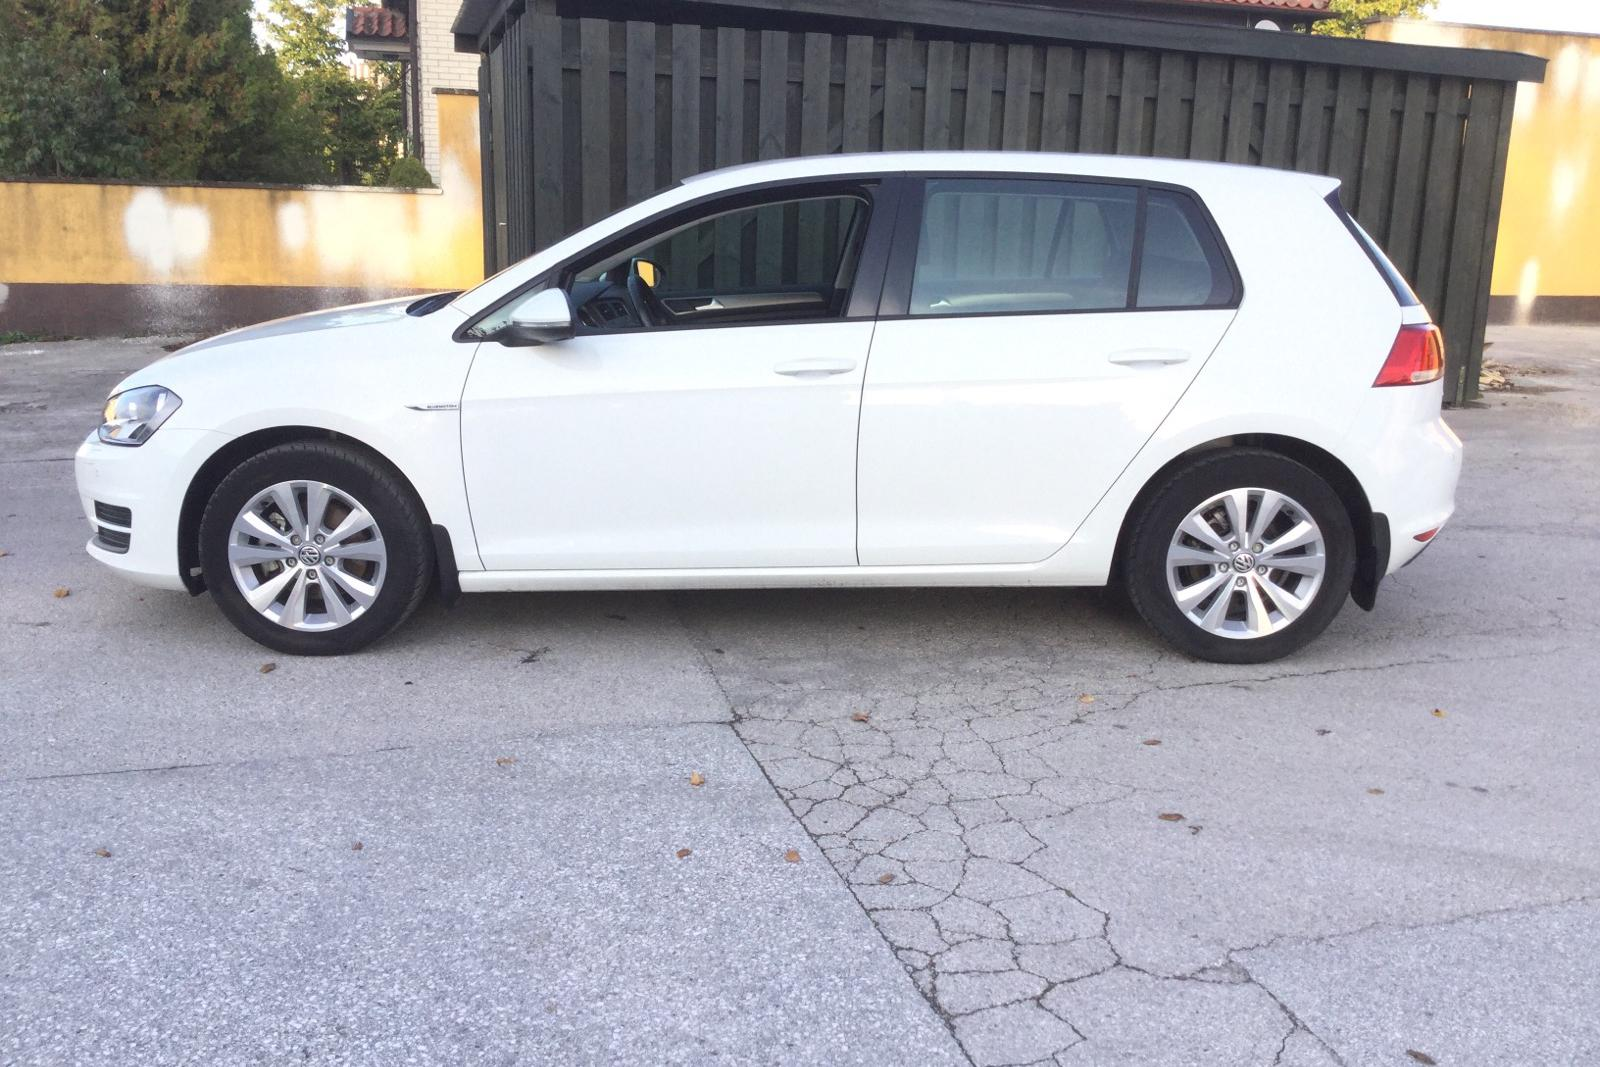 VW Golf VII 1.4 TGI 5dr (110hk) - 0 km - Manual - white - 2016